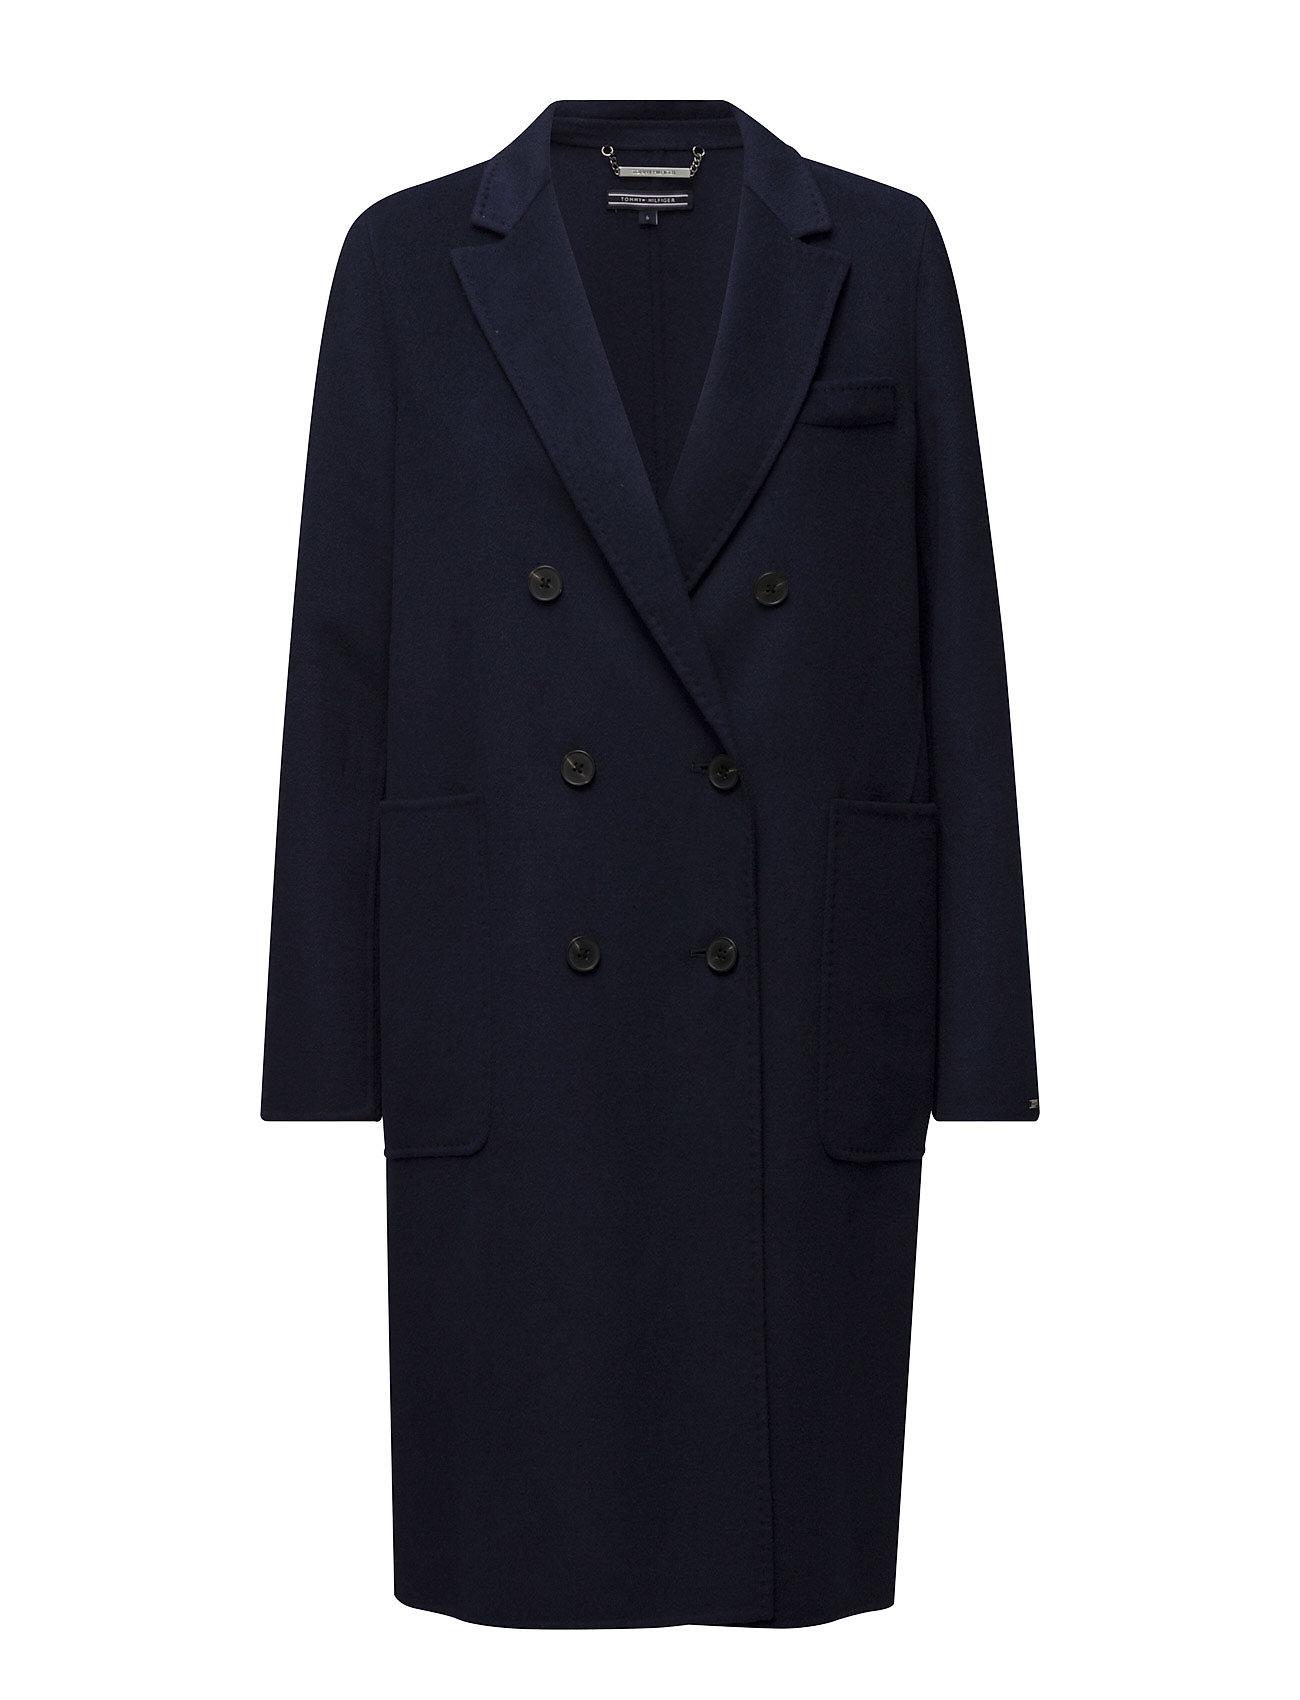 db2c9cb9a002 Find Carmen Db Wool Coat Tommy Hilfiger Frakker i Blå til Kvinder på  Boozt.dk